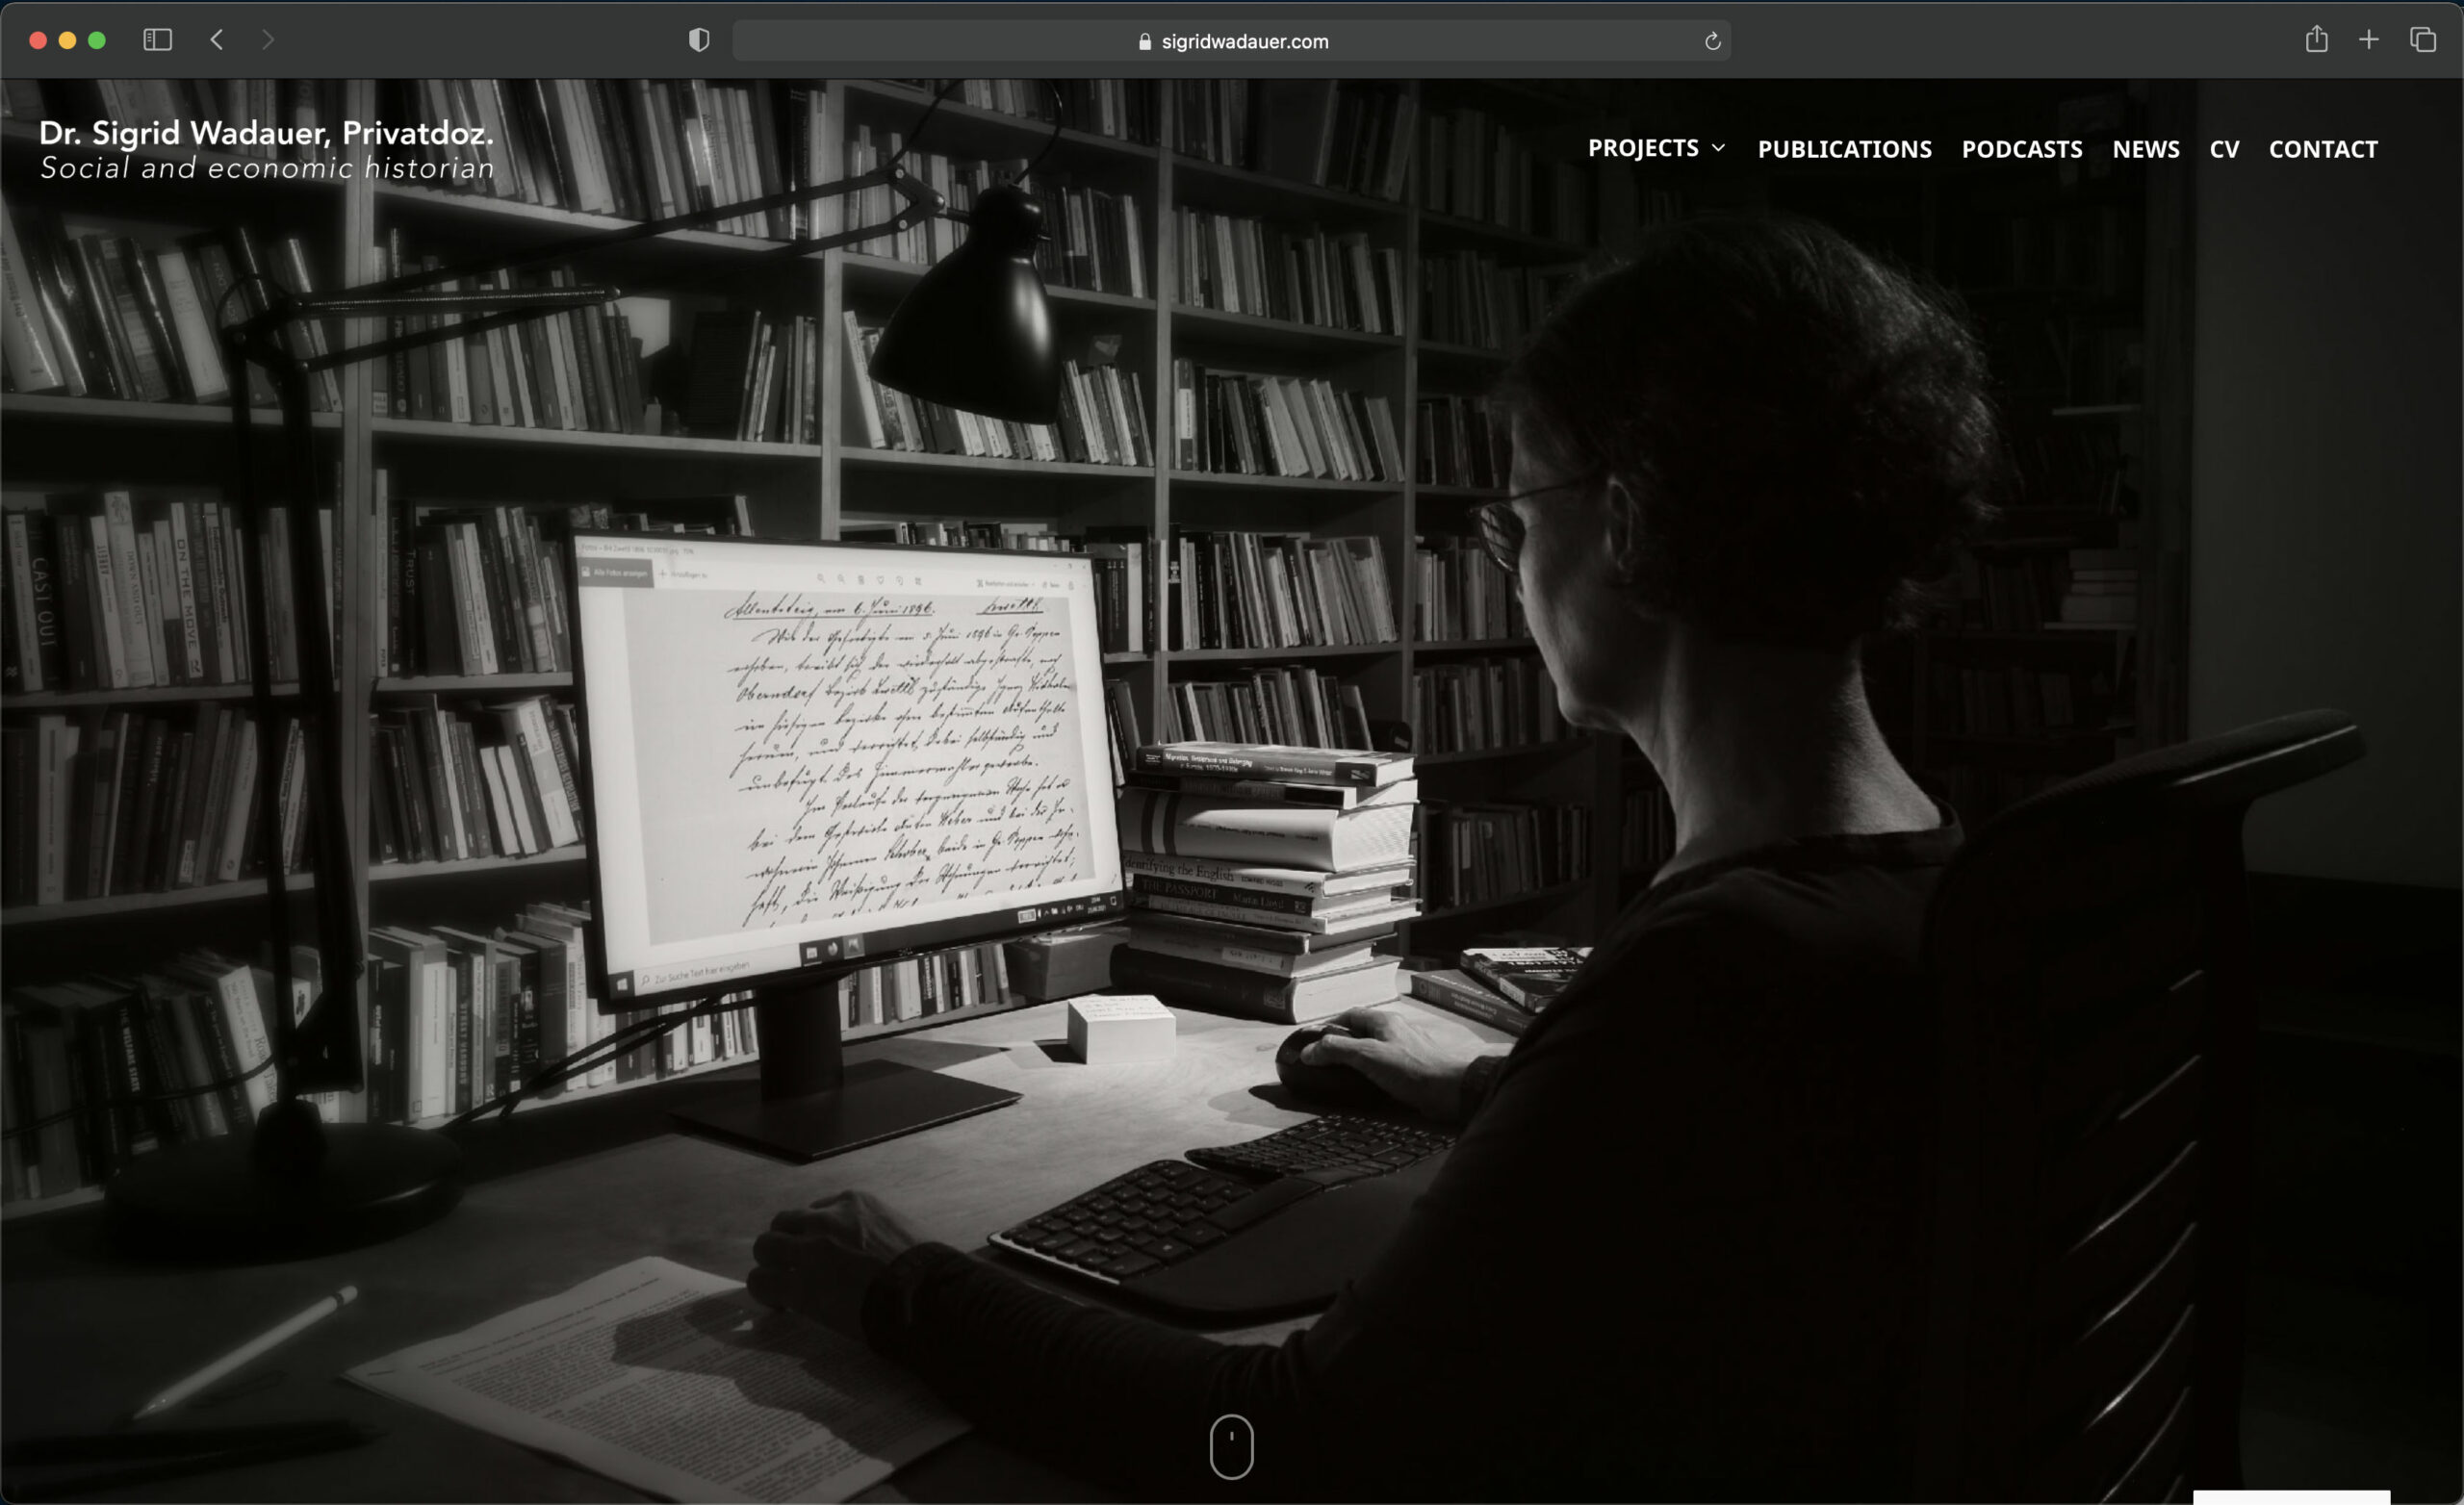 Marlovics-Uhl-Medien-GMBH-Grafikdesign-Wordpress-Magazindesign-Buchproduktion-Werbung-Wien